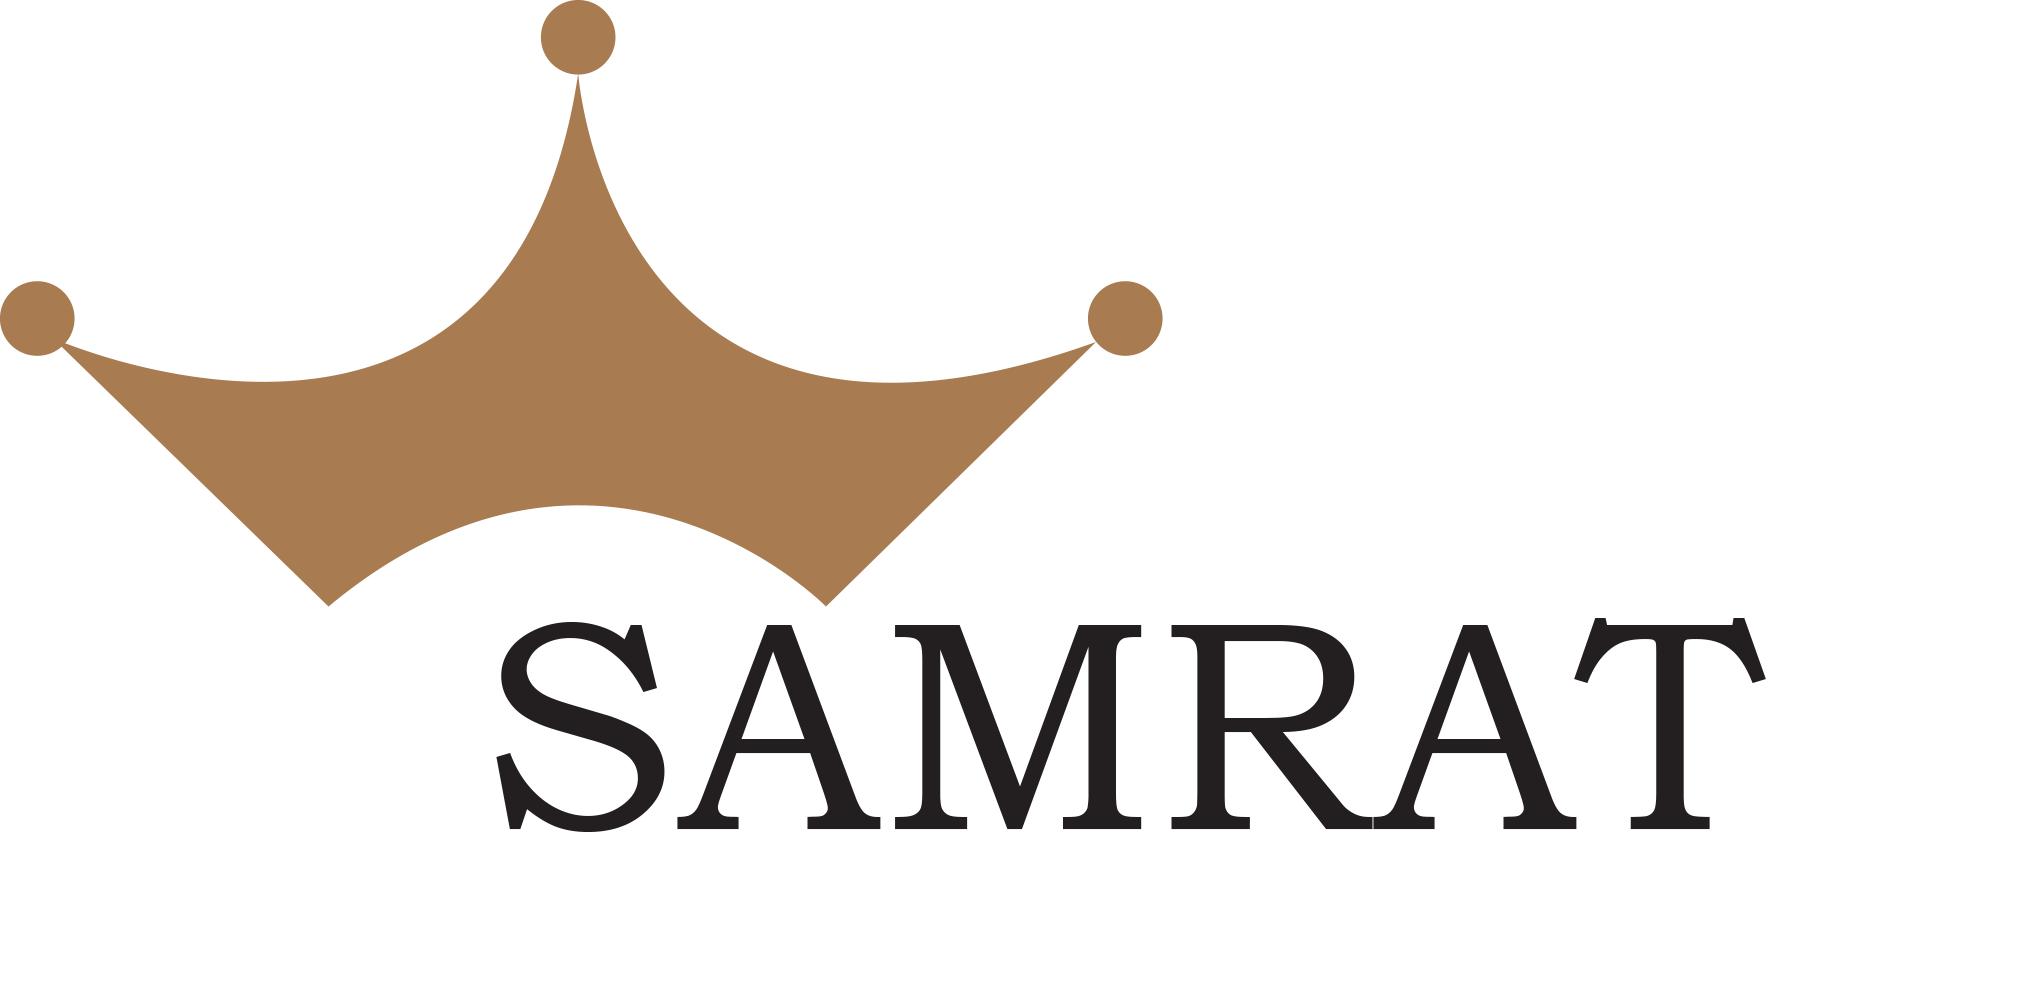 samratsirsi.com